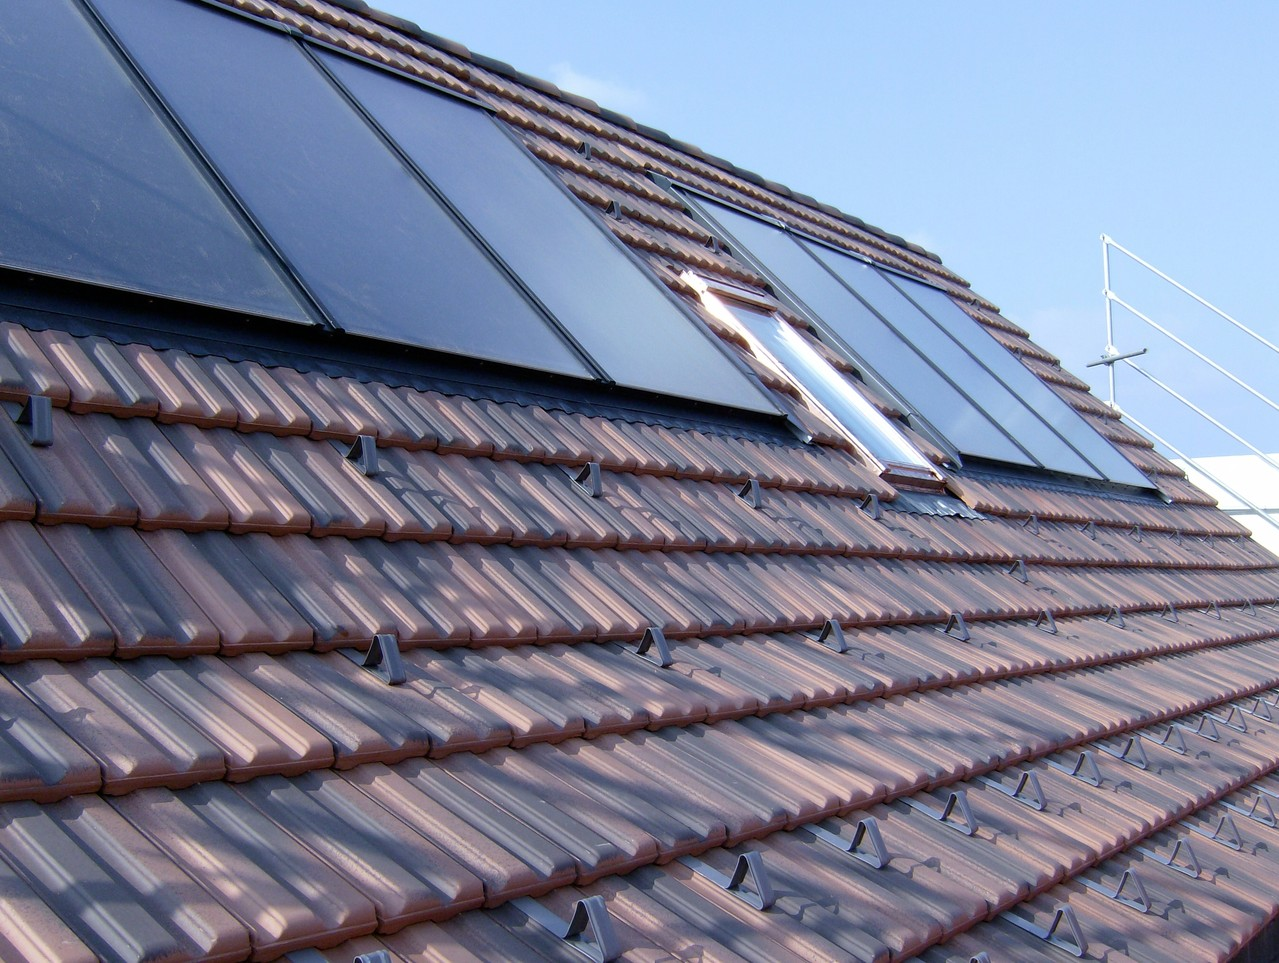 Warmwasseraufbereitung (Solar), Indachmontage